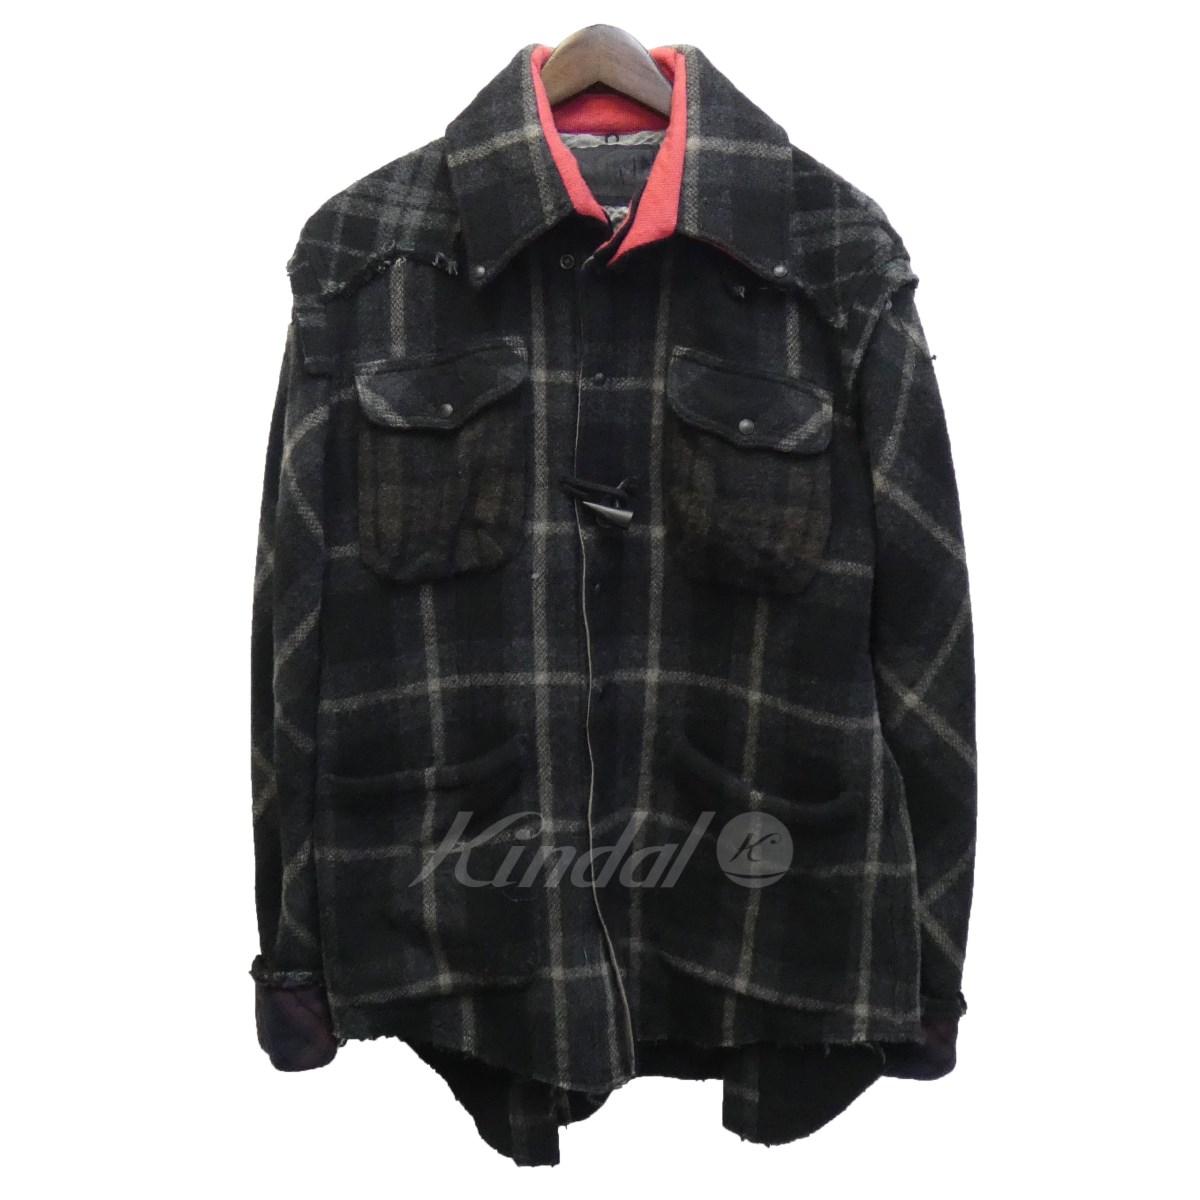 【中古】L.G.B. 「CPO-SHIRT/M」裾カットオフCPOチェックウールシャツジャケット 【送料無料】 【117992】 【KIND1550】